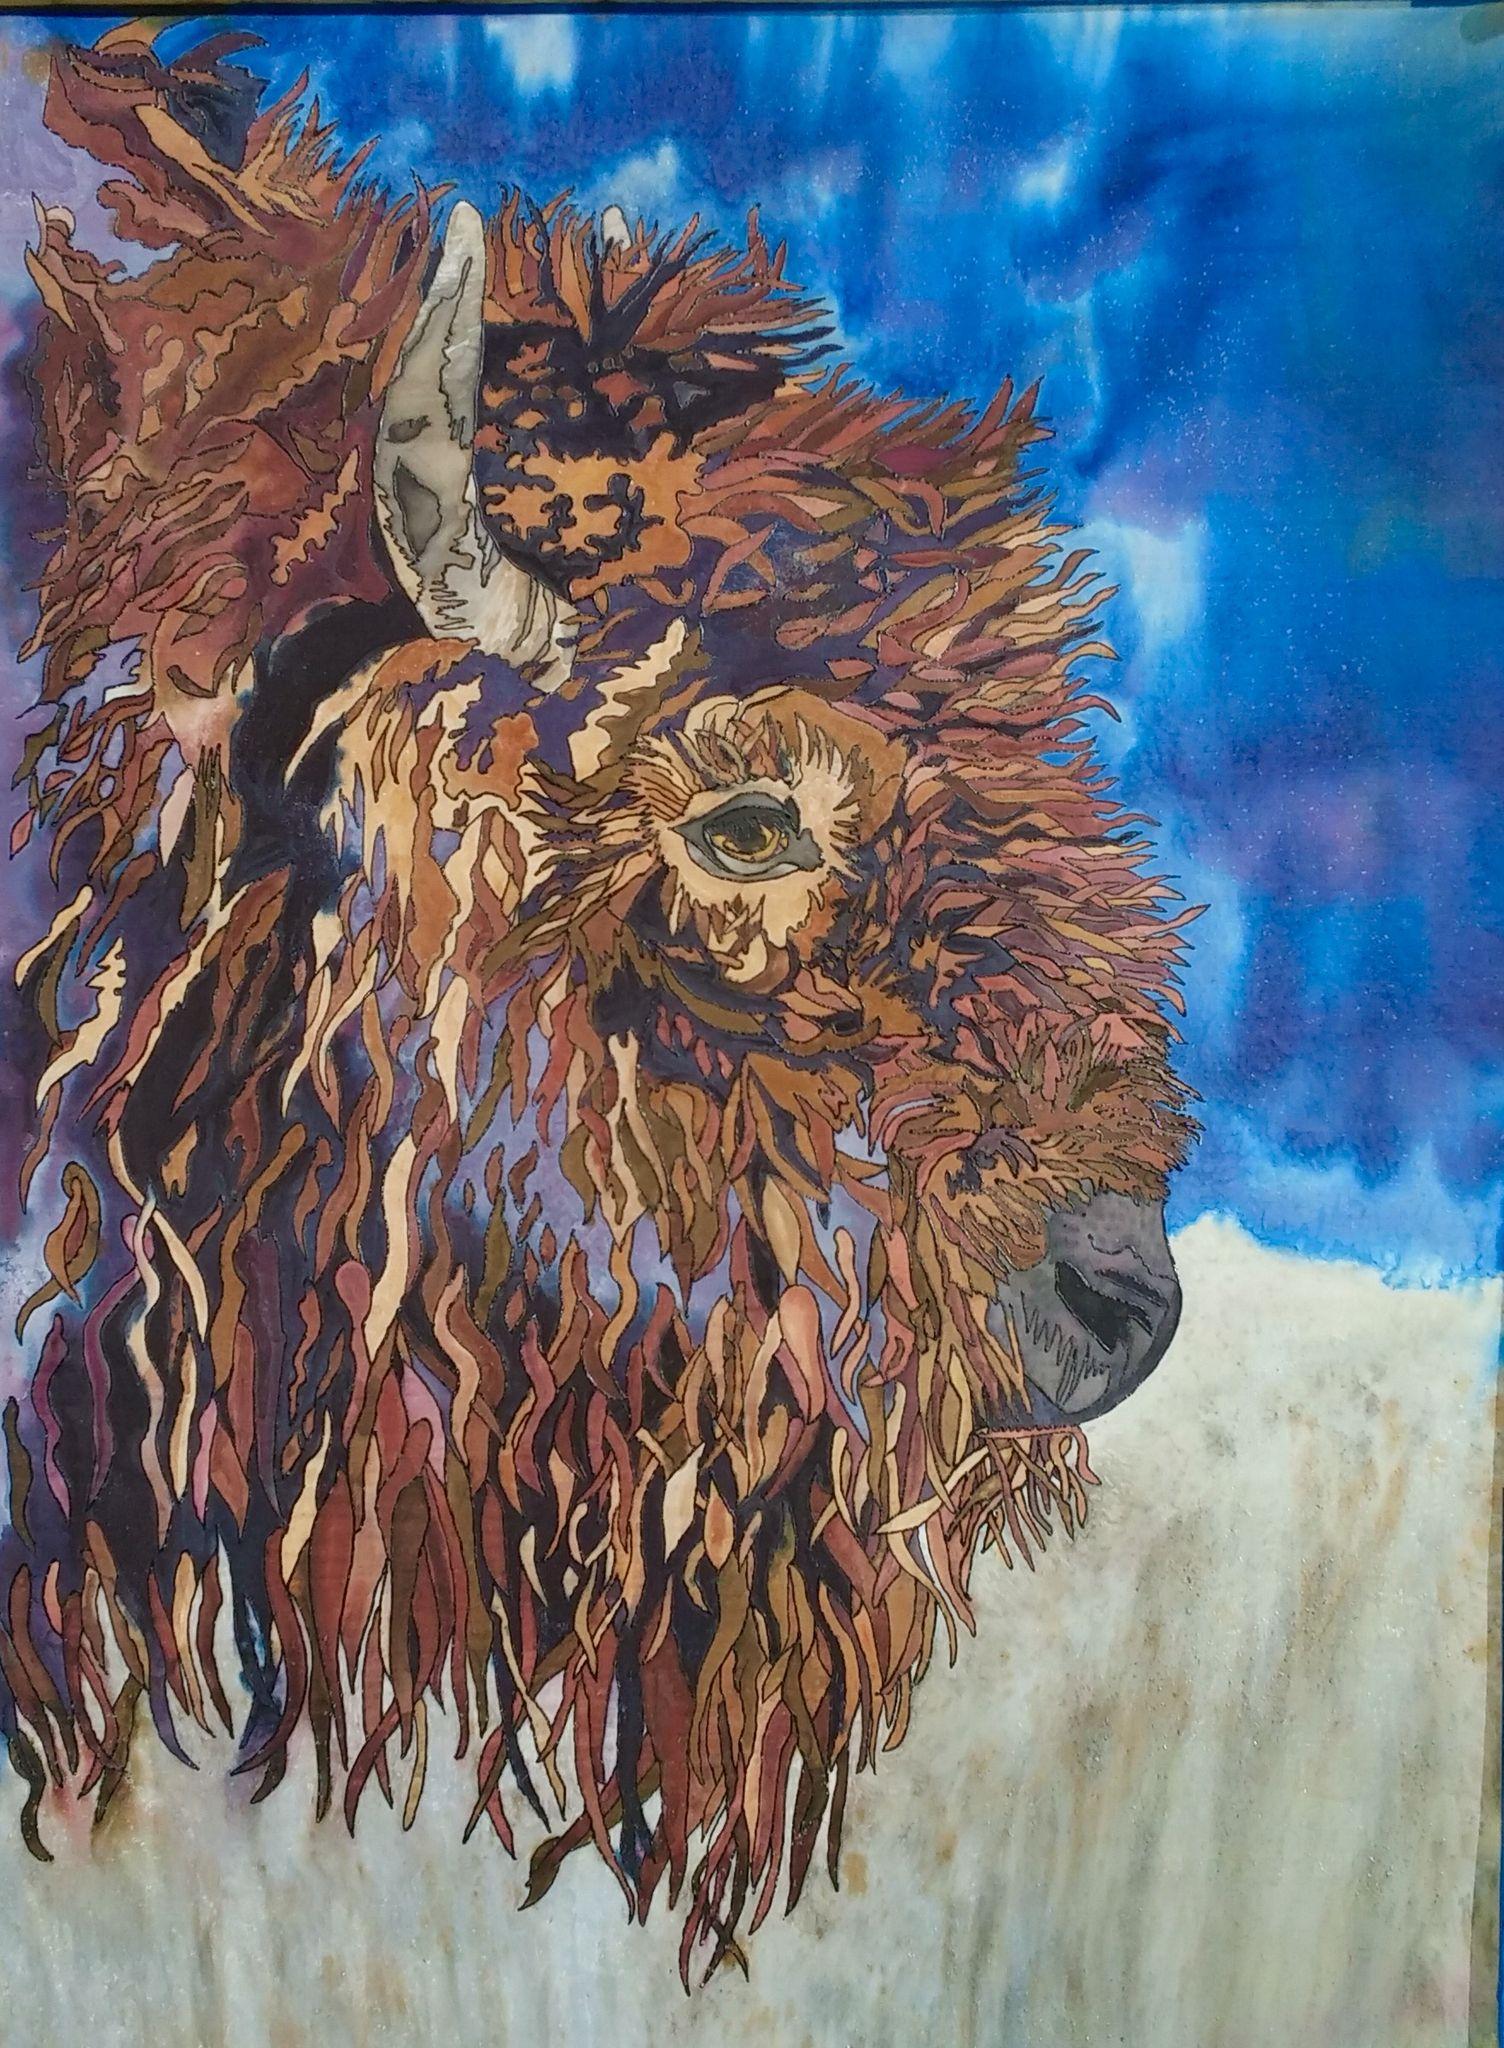 Finished buffalo art 36 x 48 original silk painting